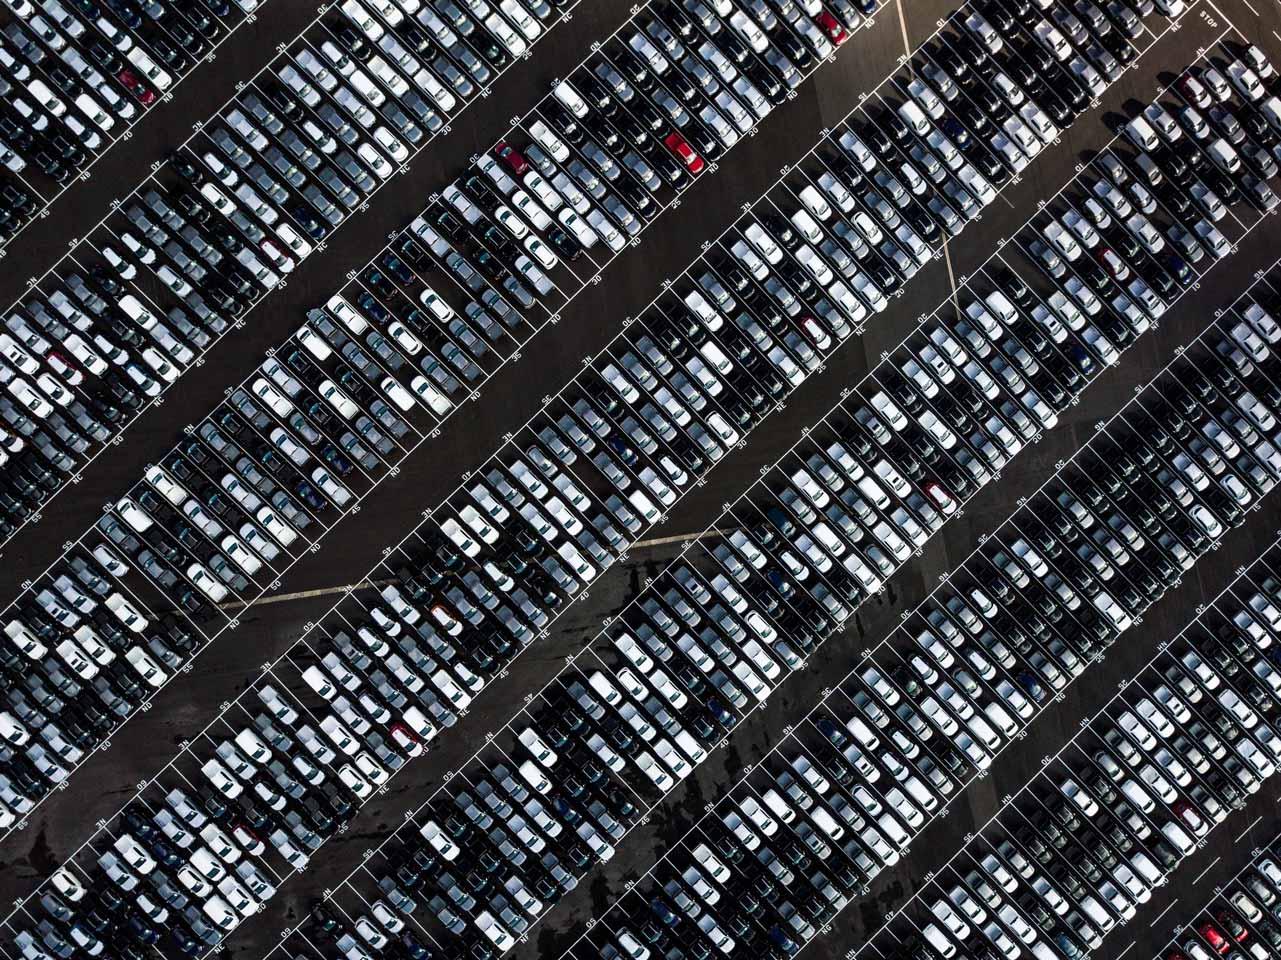 Parkplatz Bild